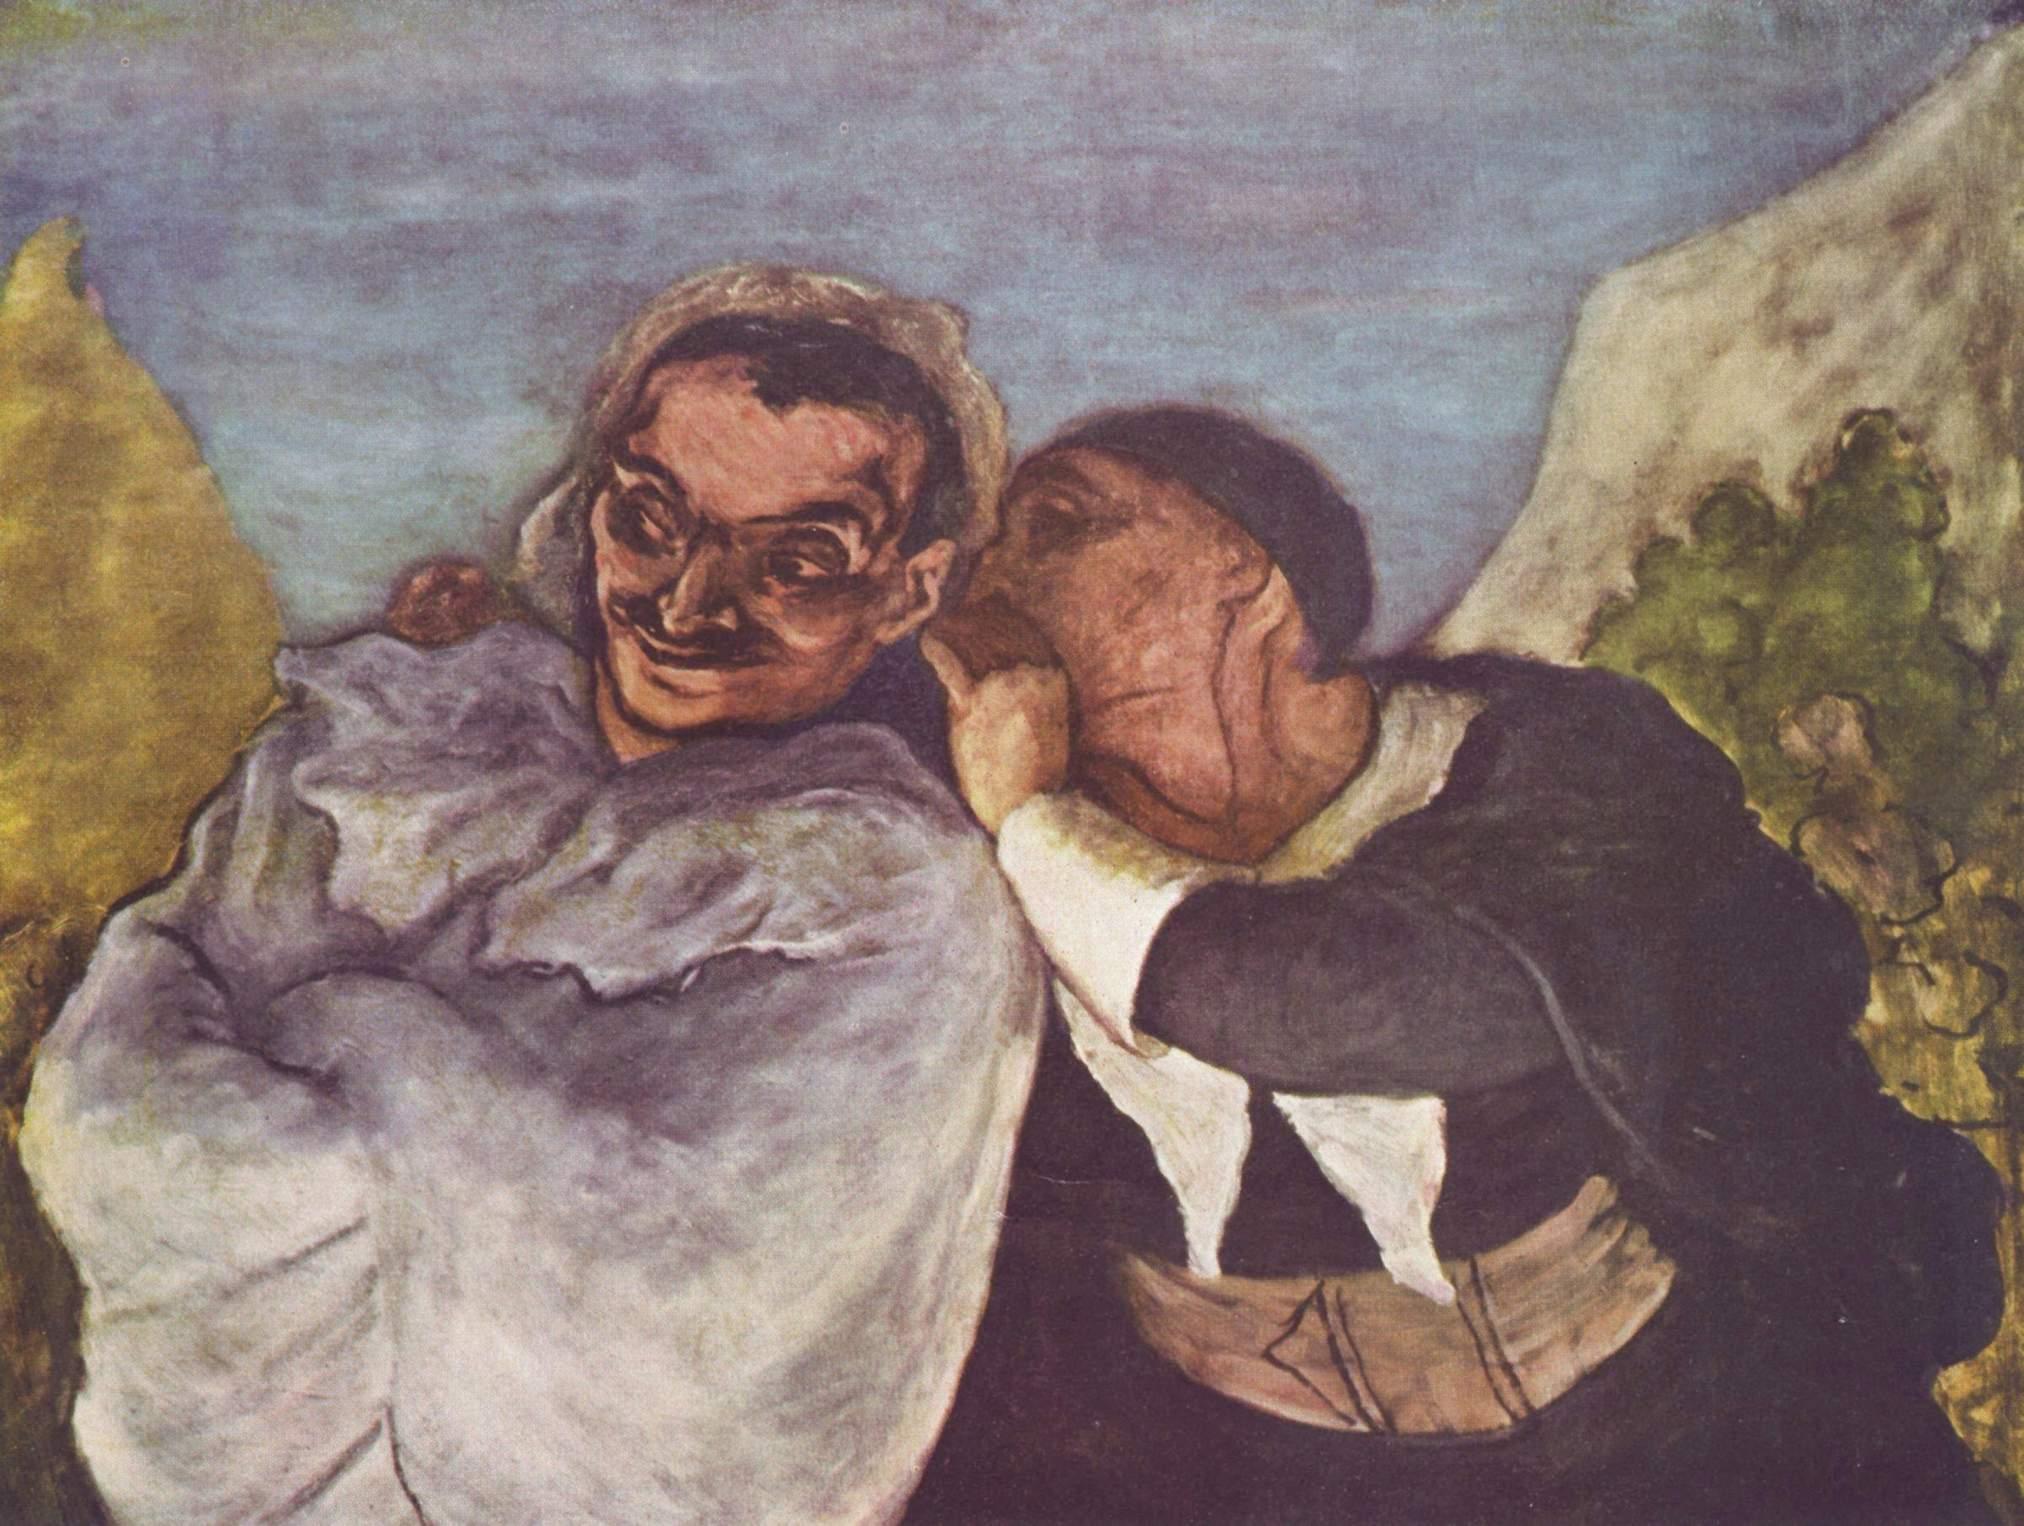 Honoré DAUMIER, Crispin et Scapin, vers 1860, huile sur toile  (61x82 cm)